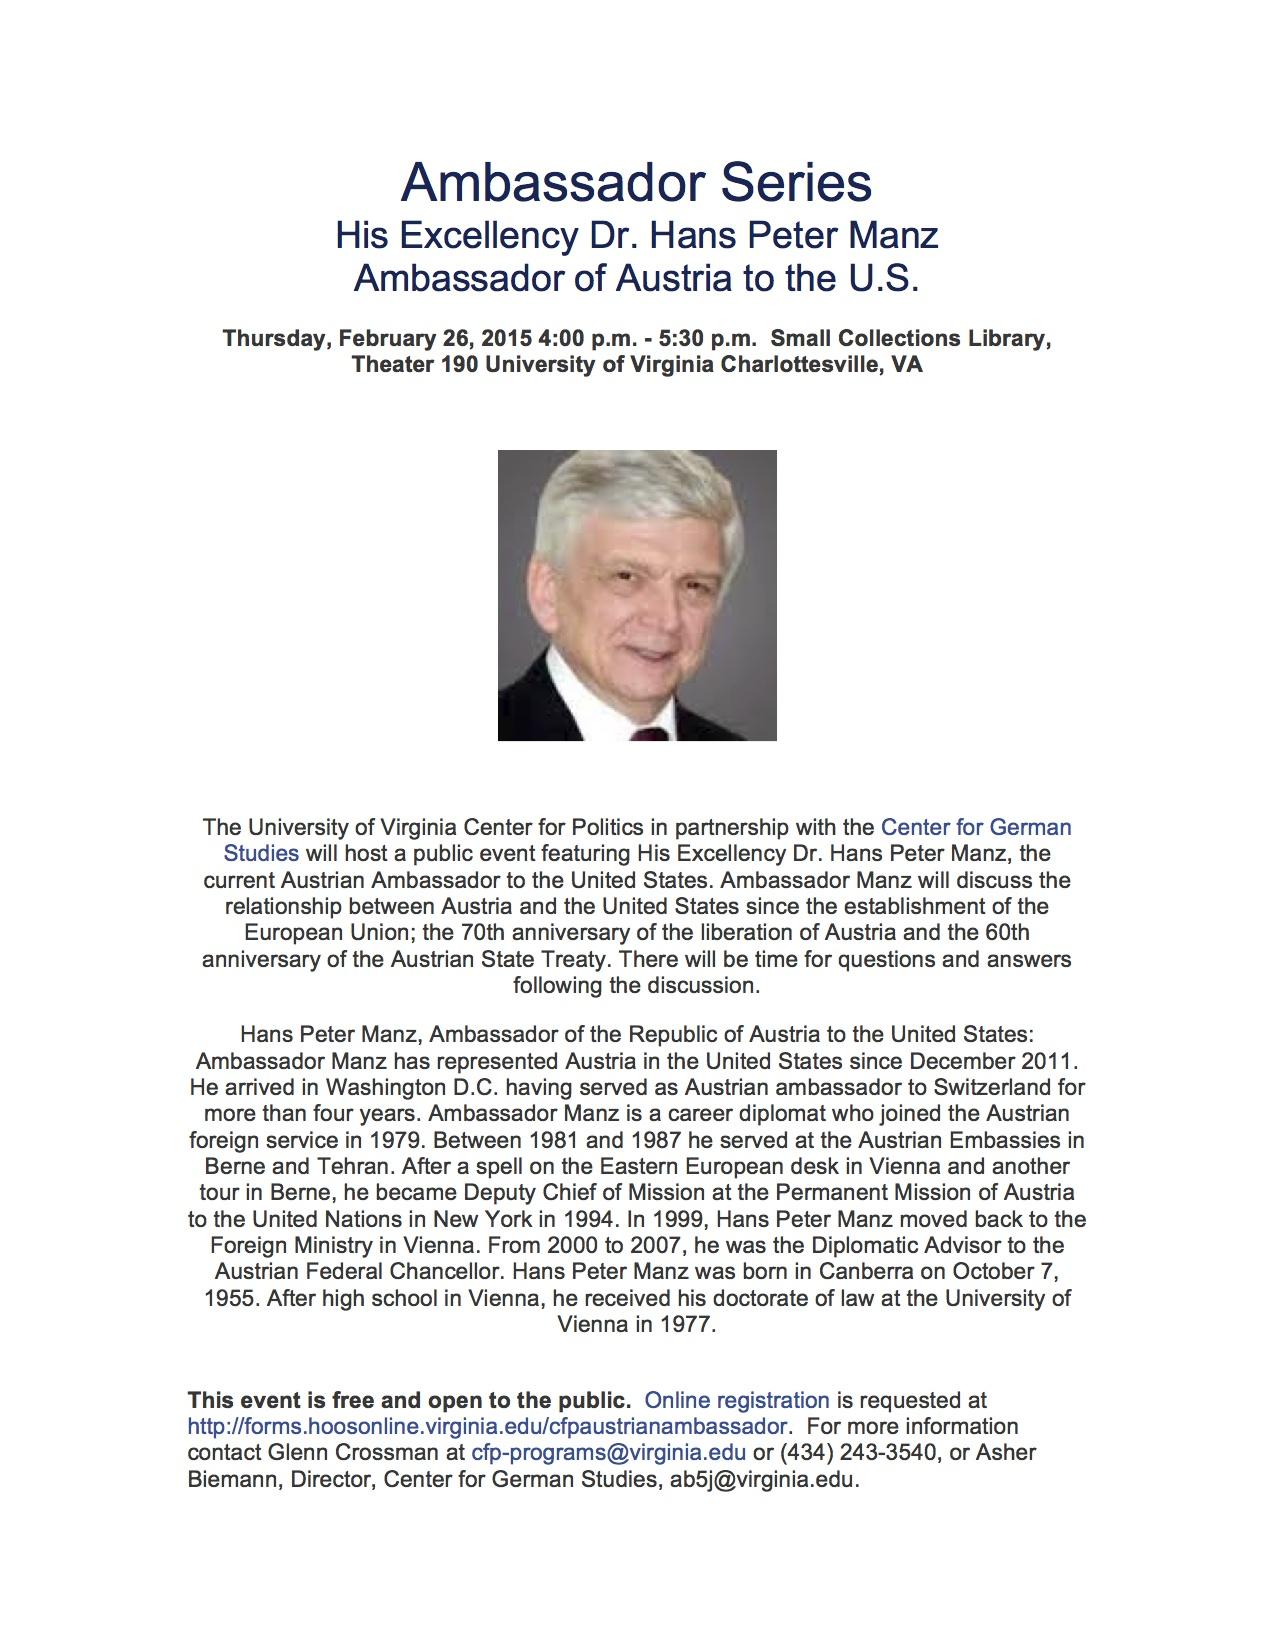 Austrian Ambassador Hans Peter Manz